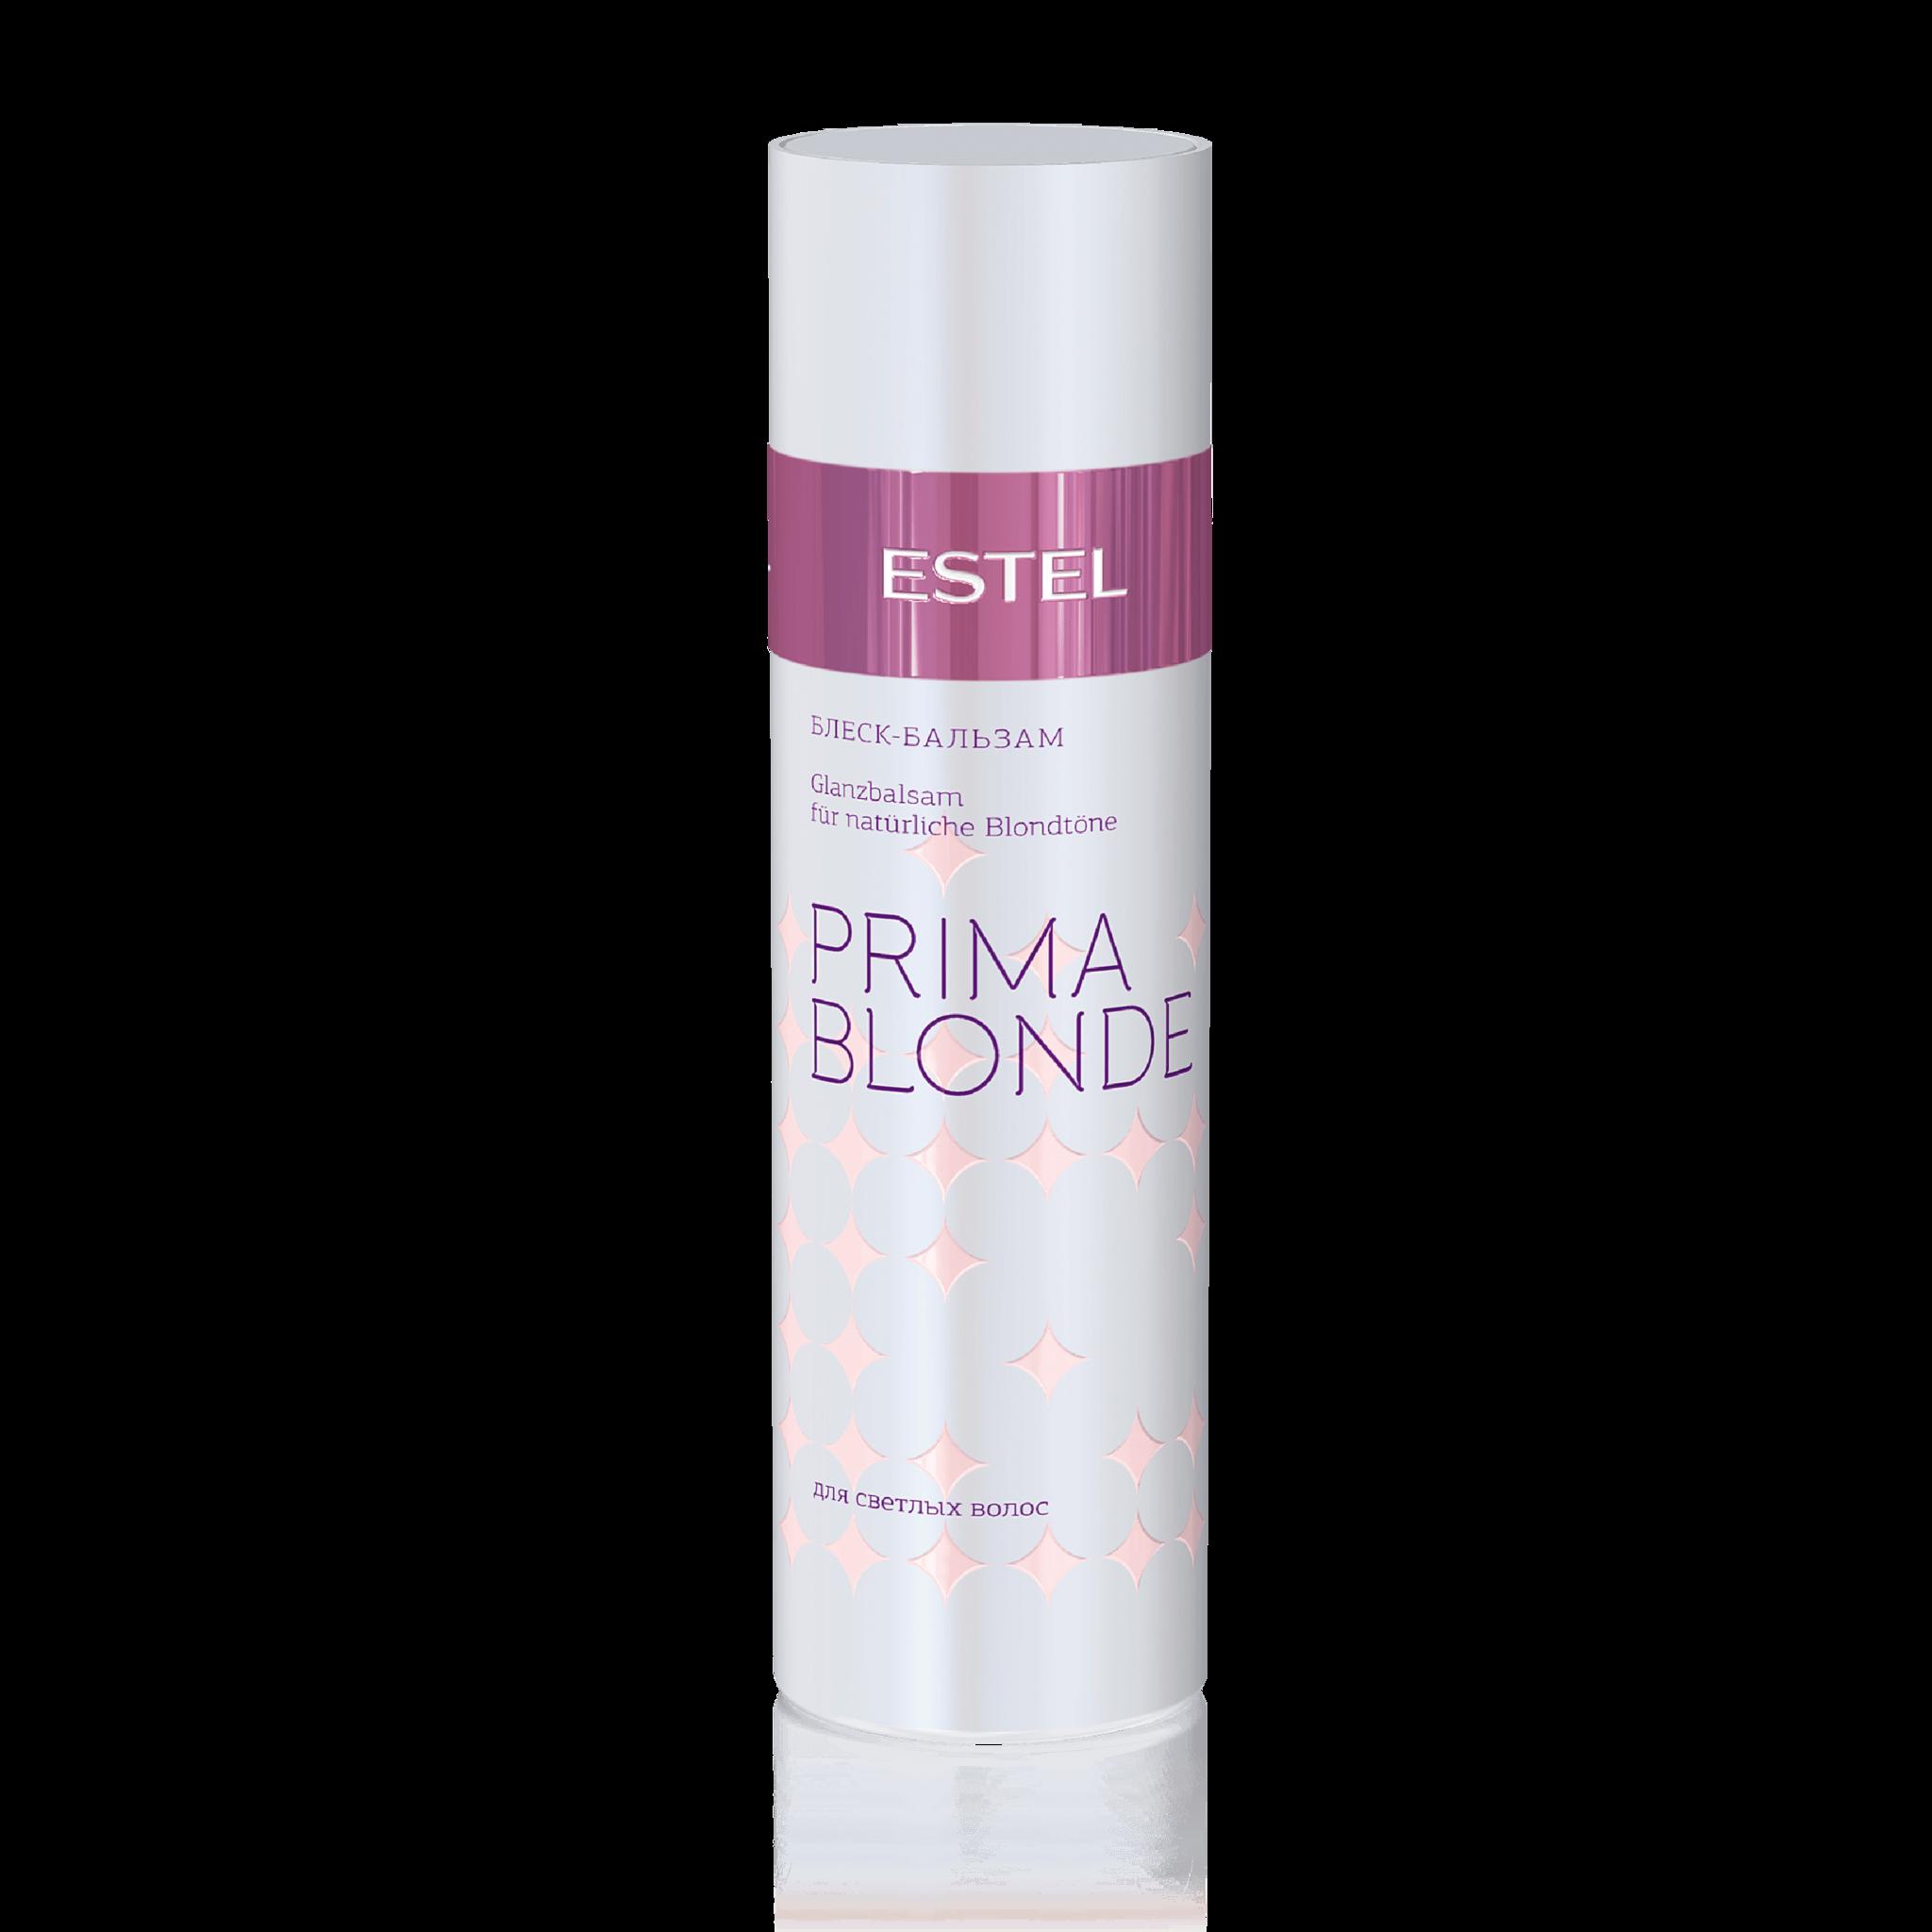 Блеск-бальзам для светлых волос PRIMA BLONDE, 200 мл